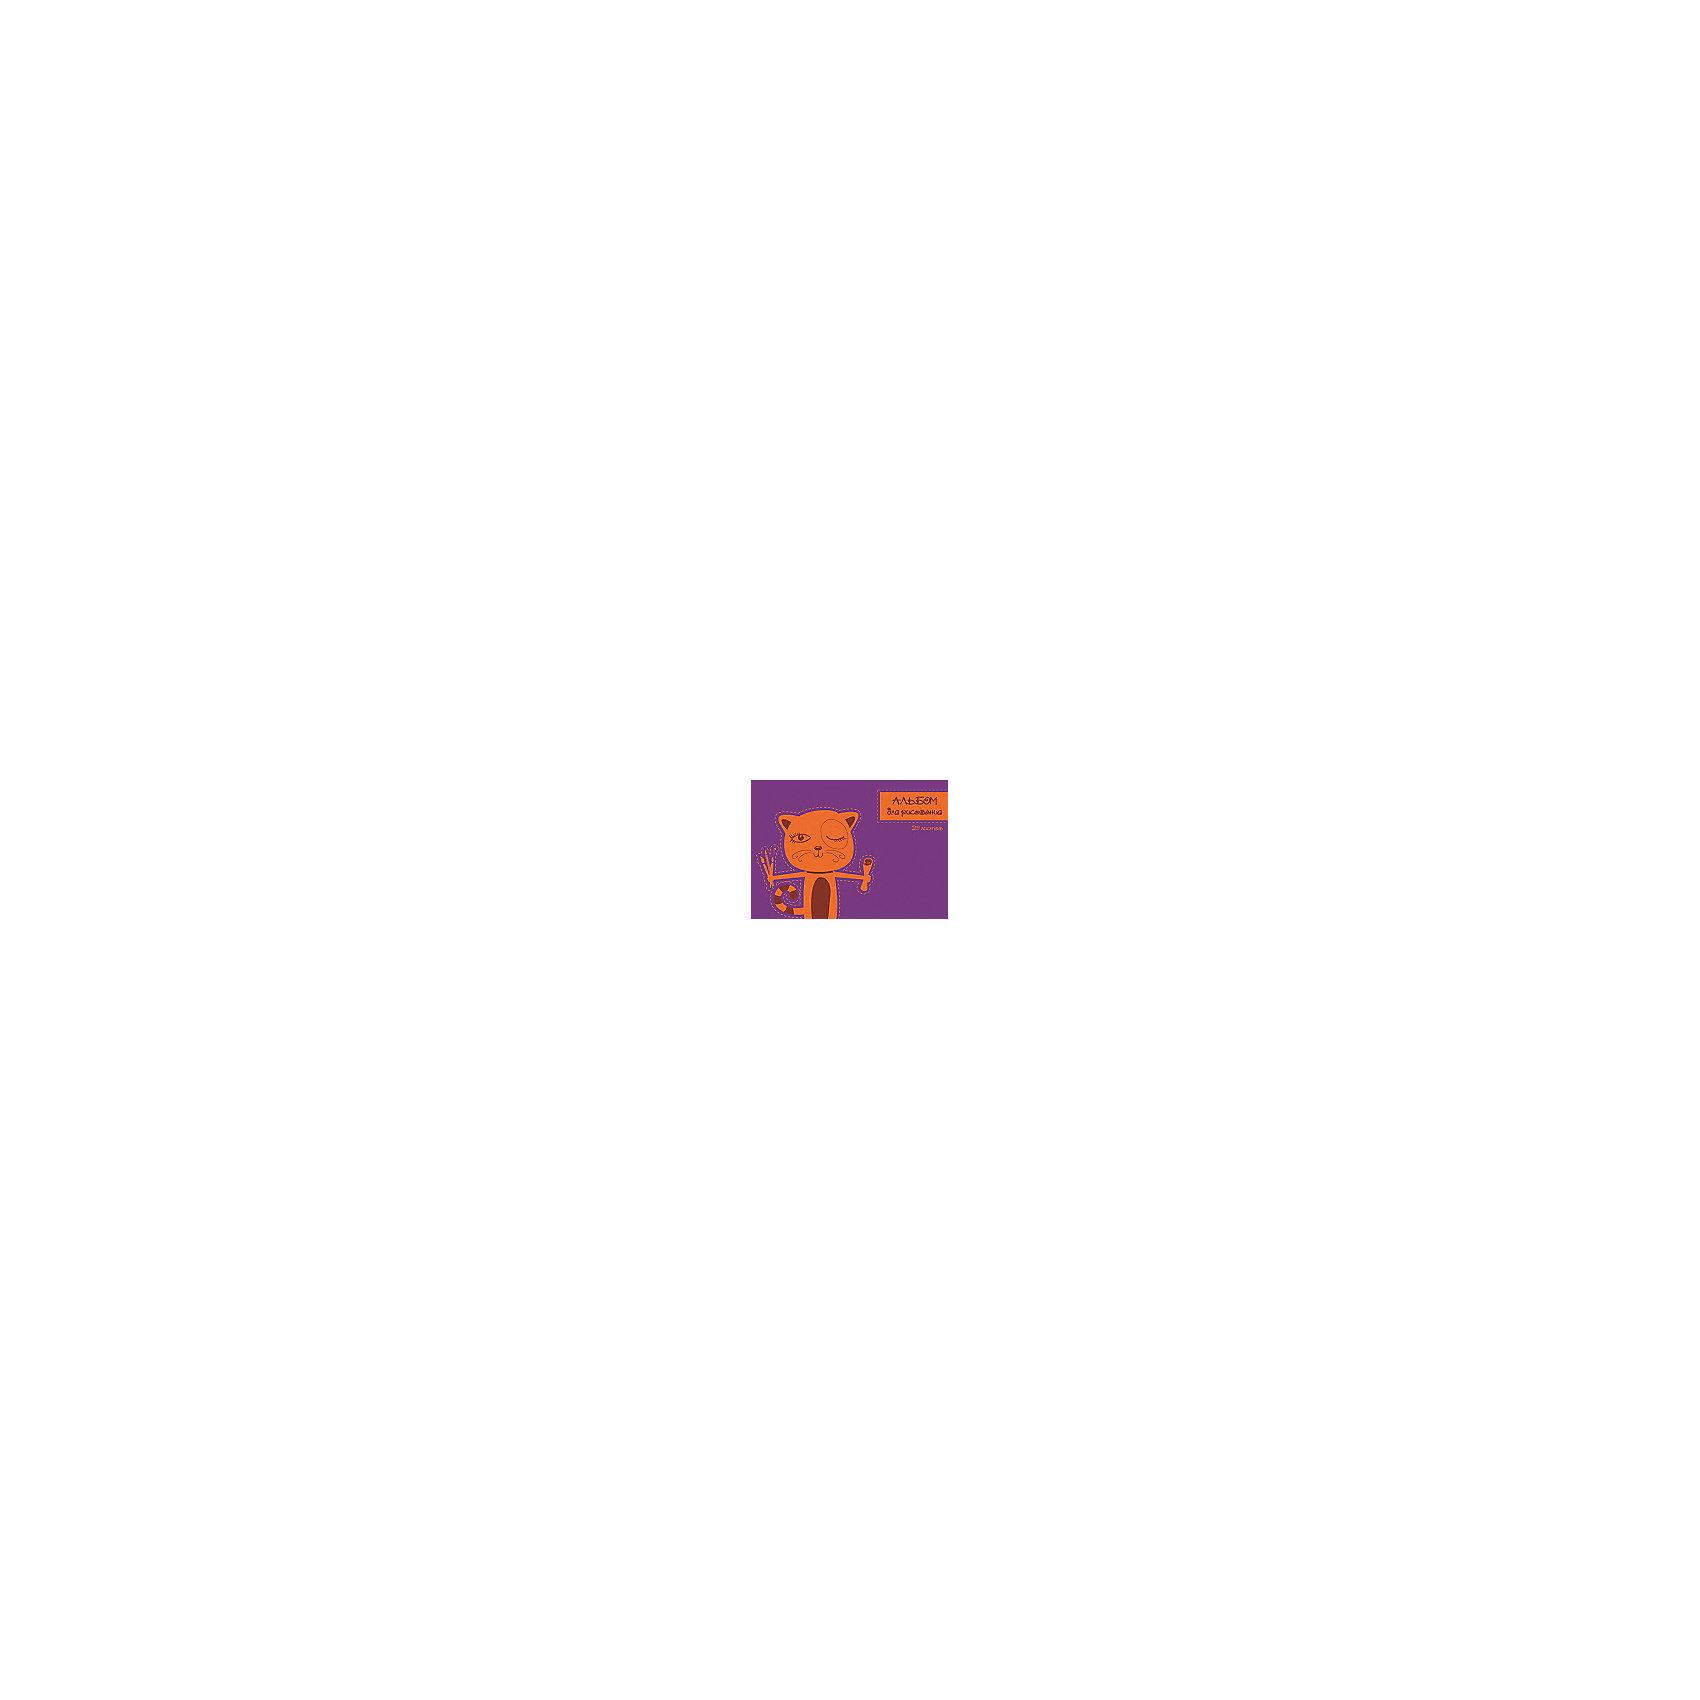 Альбом для рисования Рыжий кот, 20лСкоро 1 сентября, а значит Вашему ребенку обязательно понадобиться альбом для рисования!<br><br>Дополнительная информация:<br><br>- Возраст: от 3 лет.<br>- 20 листов.<br>- Орнамент: рыжий кот.<br>- Формат: А4.<br>- Материал: бумага, картон.<br>- Размер упаковки: 20,5х14,5х0,5 см.<br>- Вес в упаковке: 76 г.<br><br>Купить альбом для рисования Рыжий кот можно в нашем магазине.<br><br>Ширина мм: 205<br>Глубина мм: 145<br>Высота мм: 5<br>Вес г: 76<br>Возраст от месяцев: 36<br>Возраст до месяцев: 2147483647<br>Пол: Унисекс<br>Возраст: Детский<br>SKU: 4943531